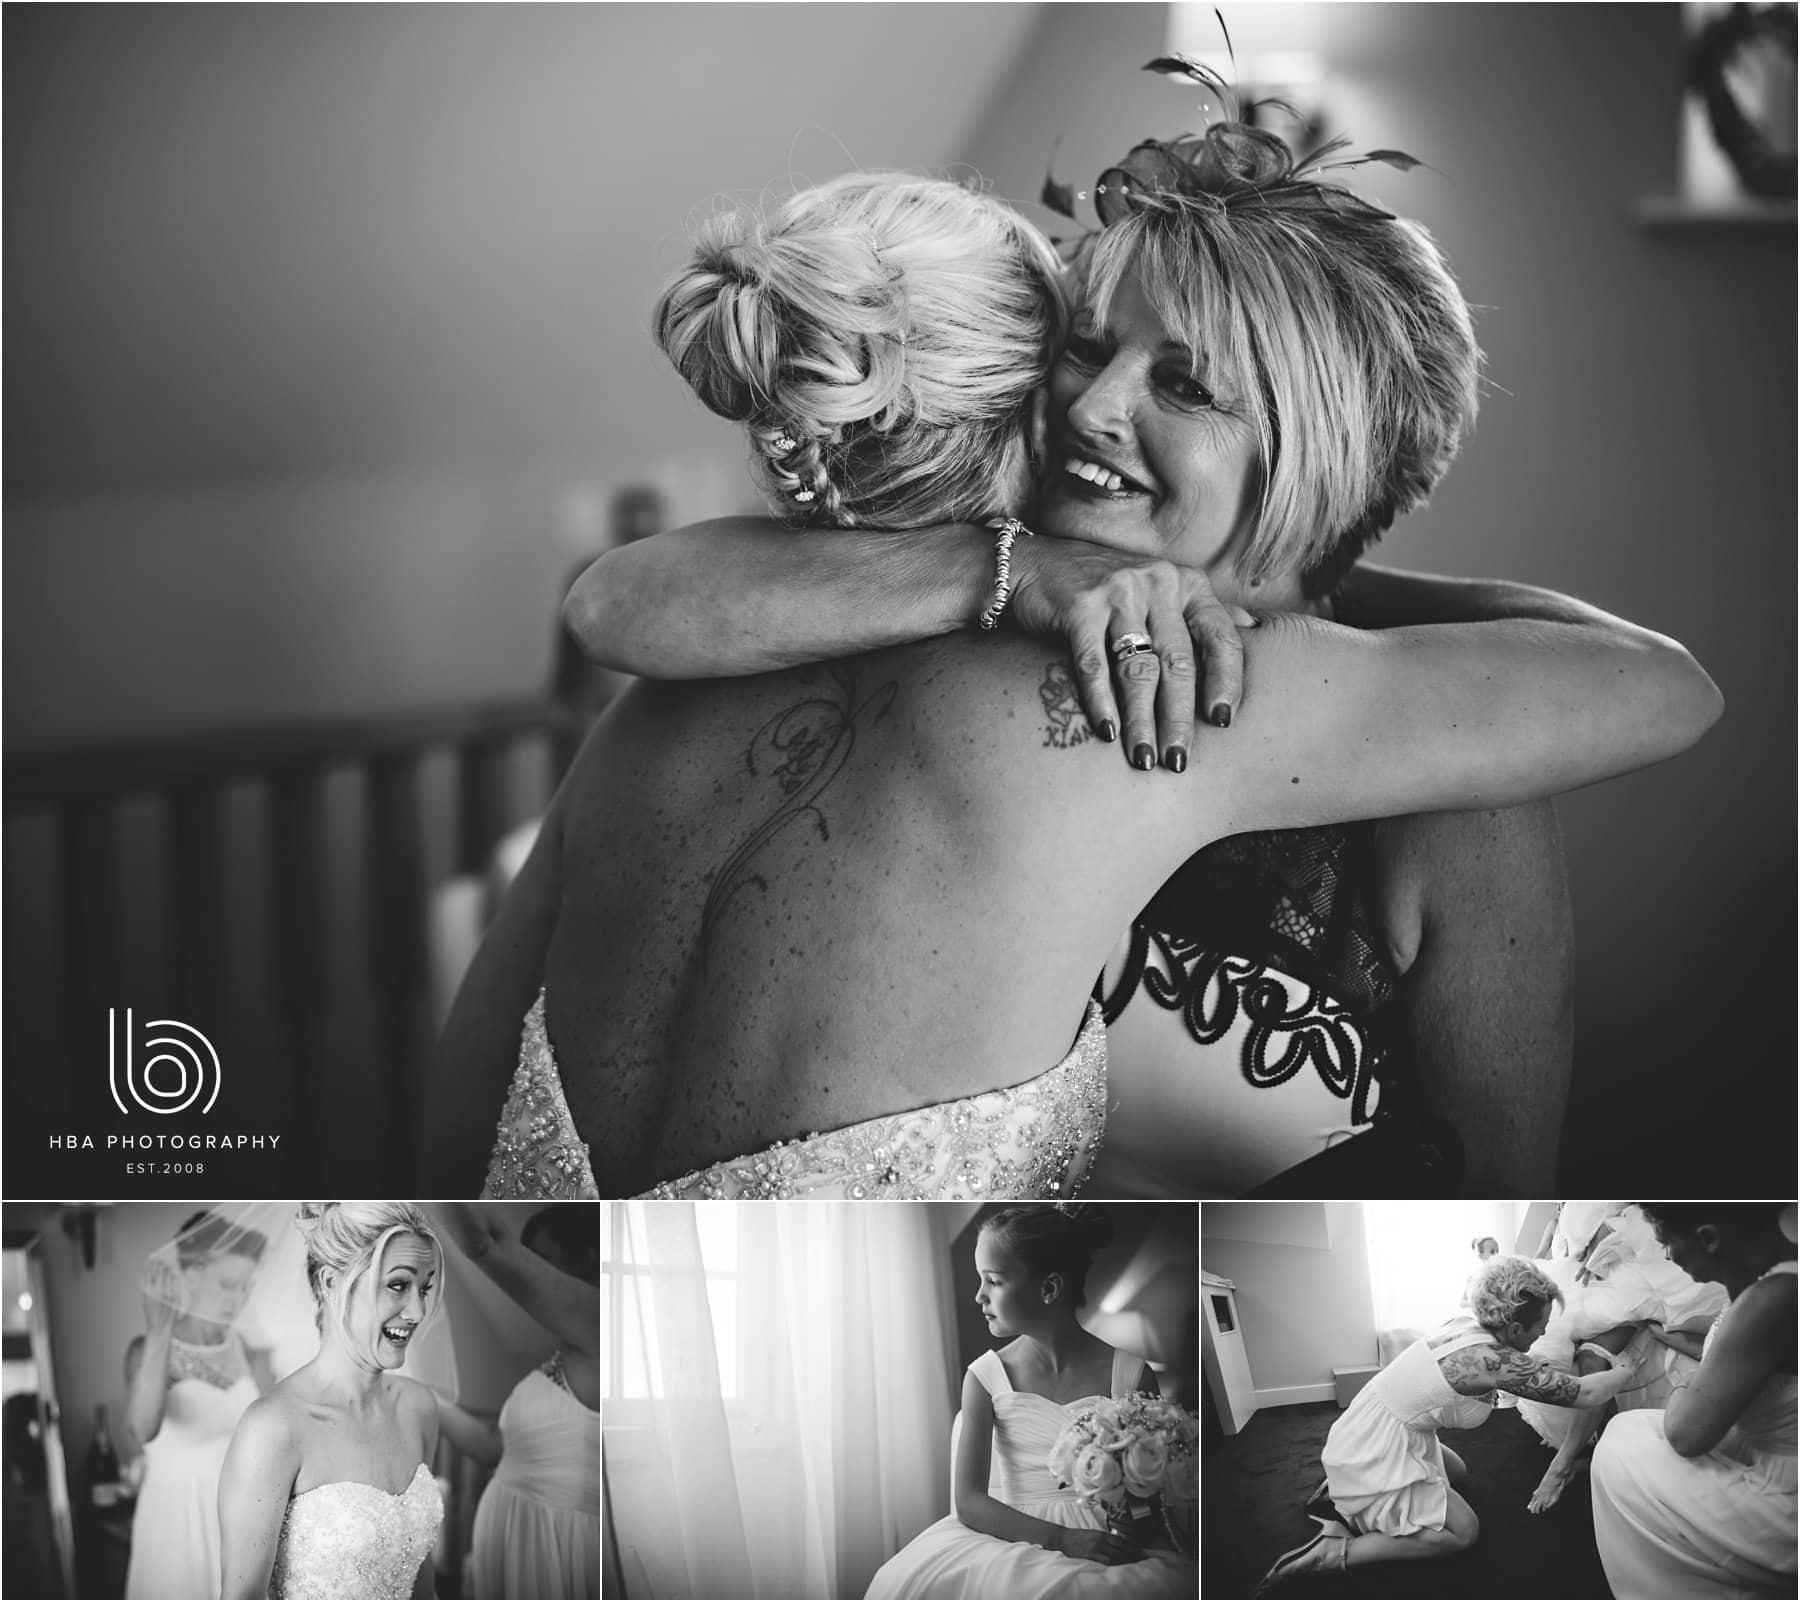 mum hugging the bride